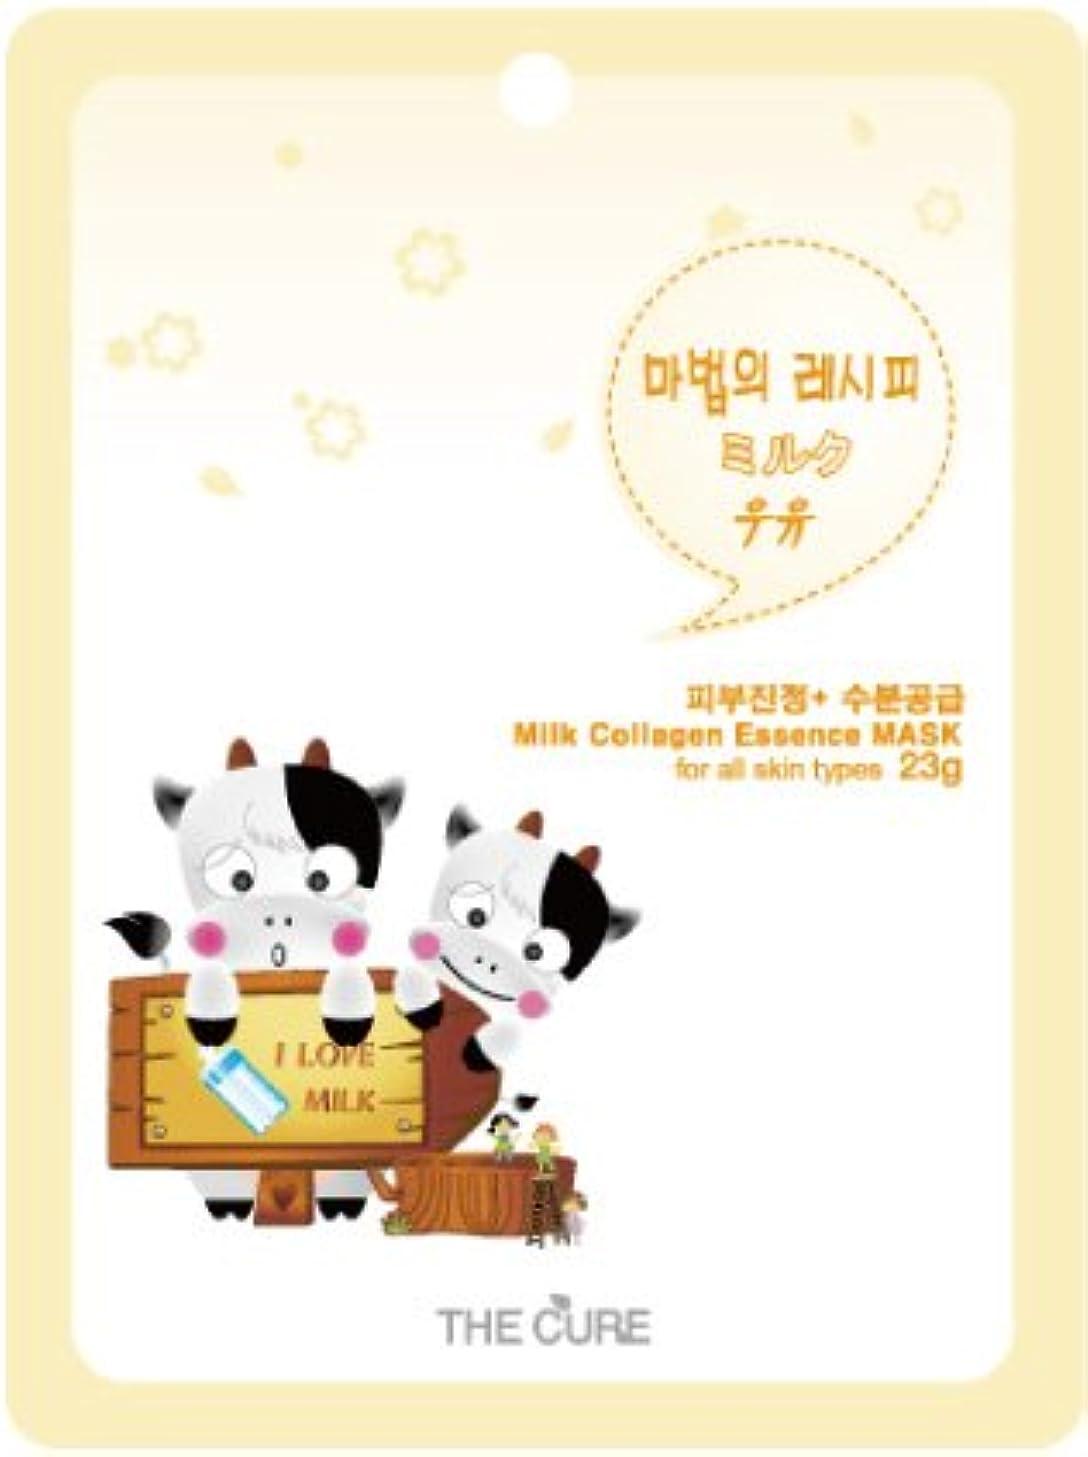 オリエンテーションセンチメートルモディッシュミルク コラーゲン エッセンス マスク THE CURE シート パック 10枚セット 韓国 コスメ 乾燥肌 オイリー肌 混合肌